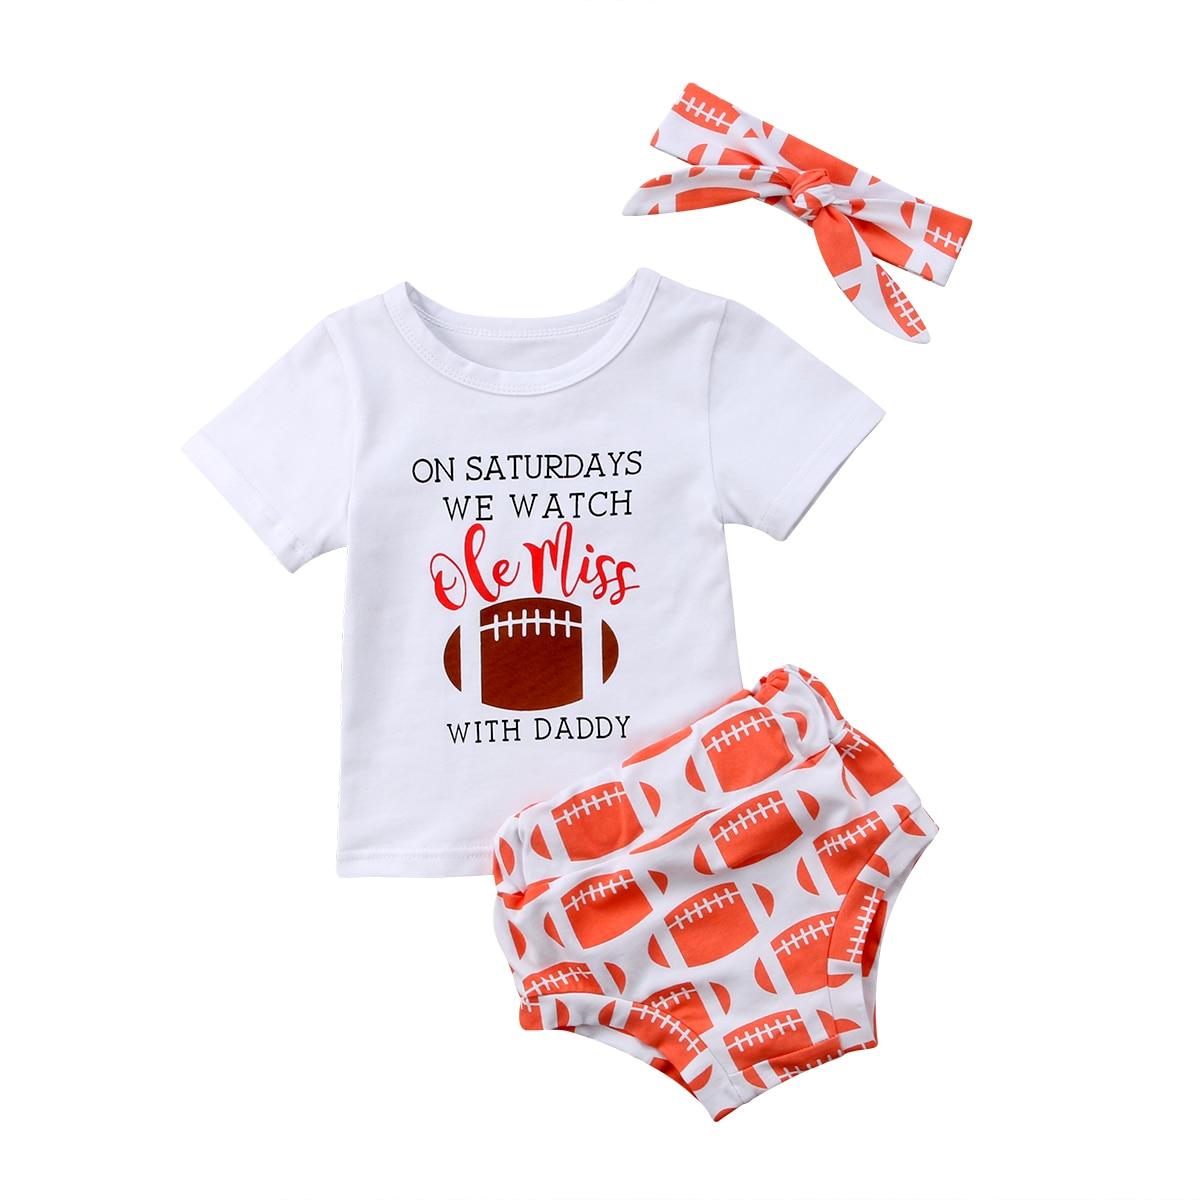 Ropa informal de Rugby para niños y niñas con lazo y letras blancas, camisetas y pantalones cortos con diseño de Rugby, ropa de algodón para 3 uds.